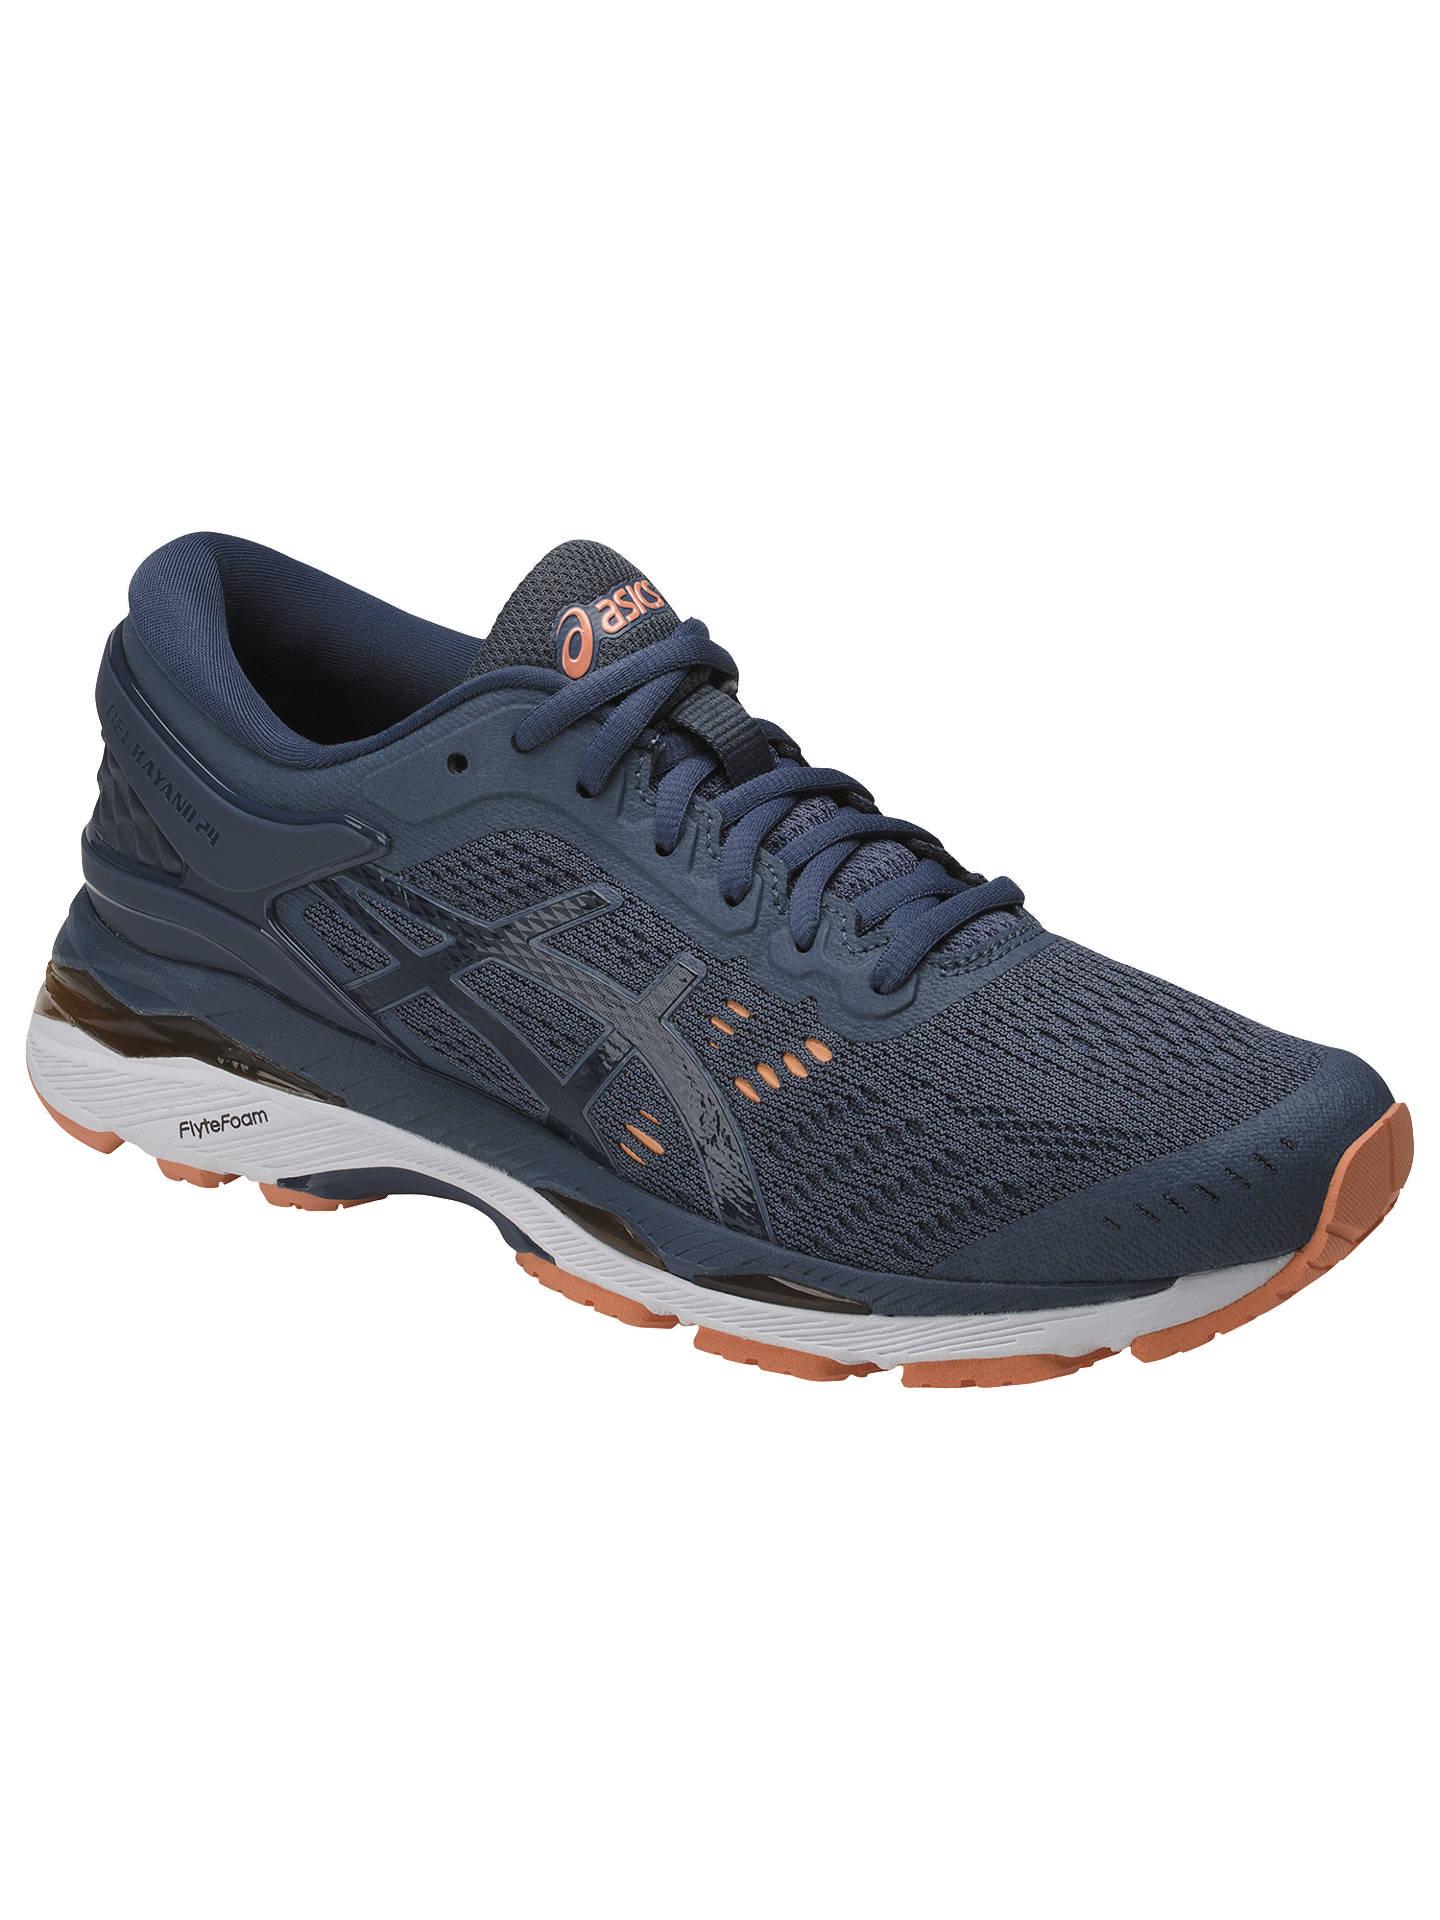 Asics GEL-KAYANO 24 Women's Running Shoes at John Lewis